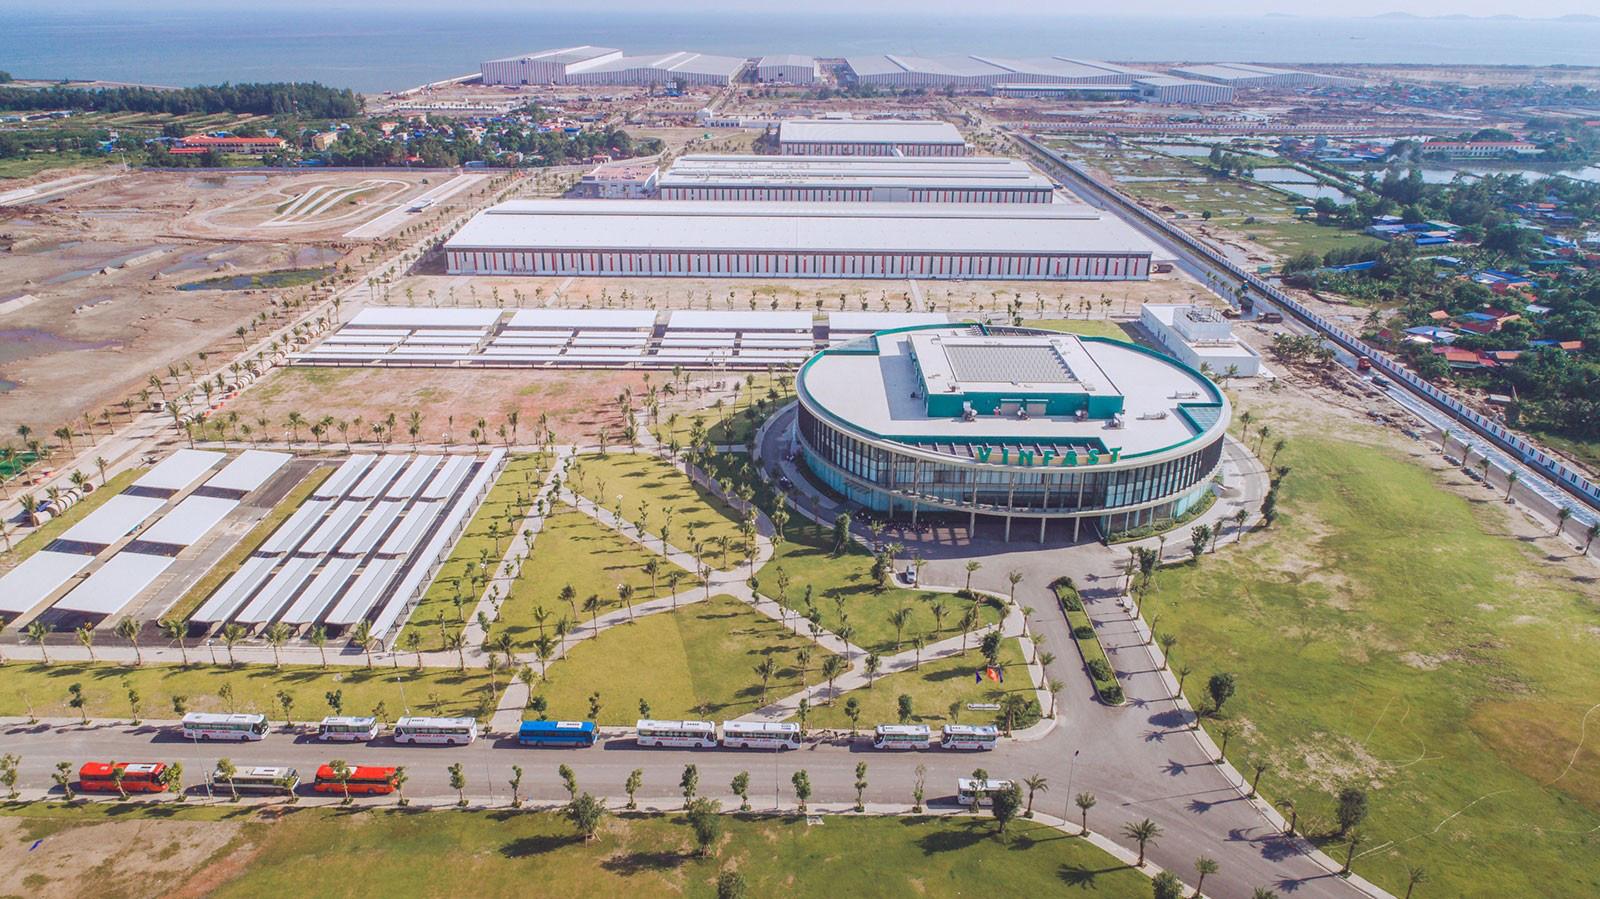 BĐS công nghiệp hậu Covid-19: Tỉ lệ lấp đầy ở những KCN có kết nối tốt với các cụm cảng biển quan trọng sẽ tăng nhanh chóng - Ảnh 2.